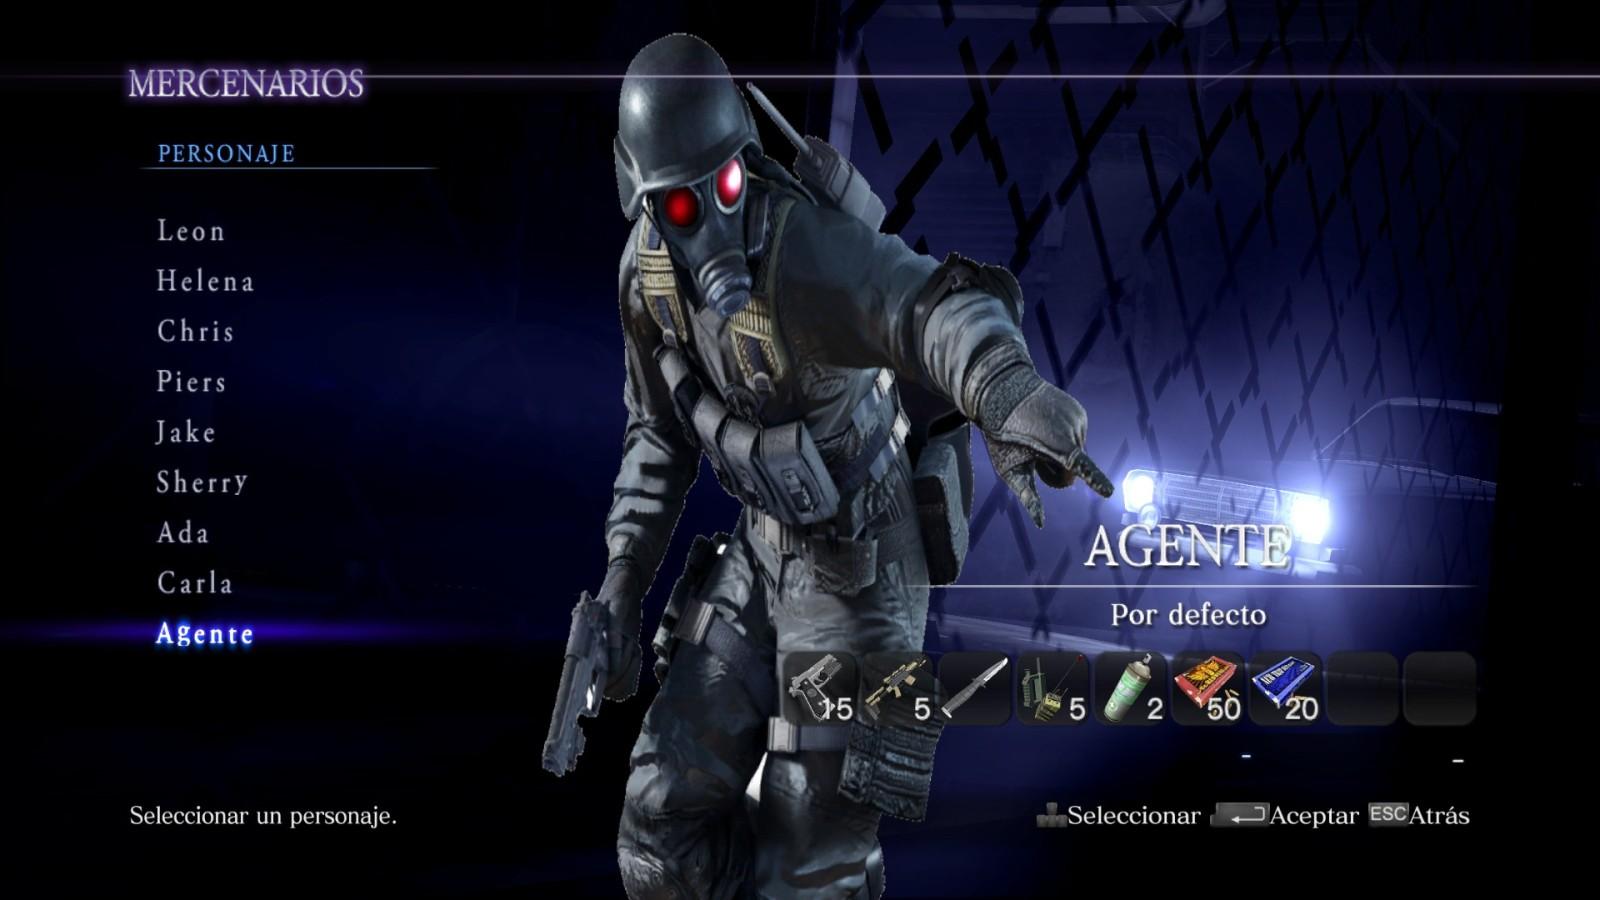 Nuevas imágenes para los personajes (mercenarios) 294t7i9